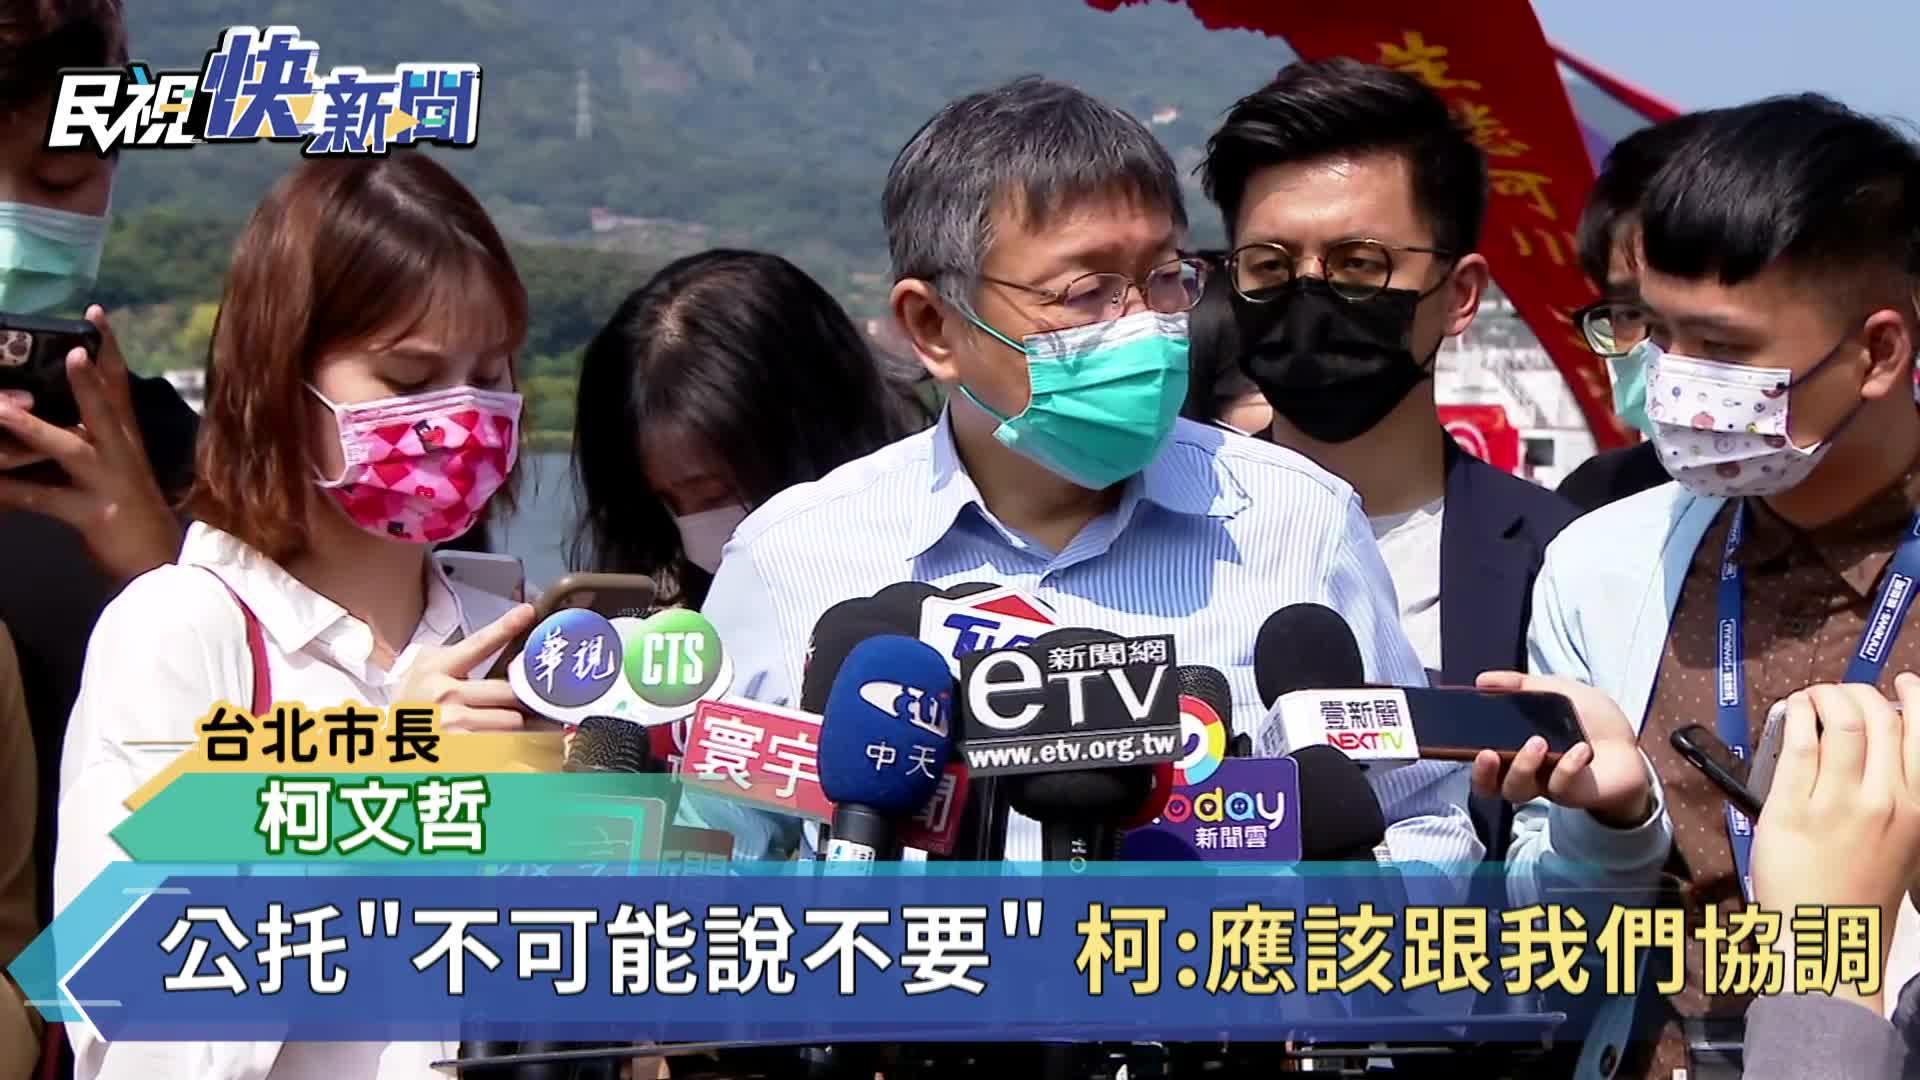 快新聞/能源議題應是「科學問題」 柯文哲嘆:每天看台灣政治氛圍這樣很煩